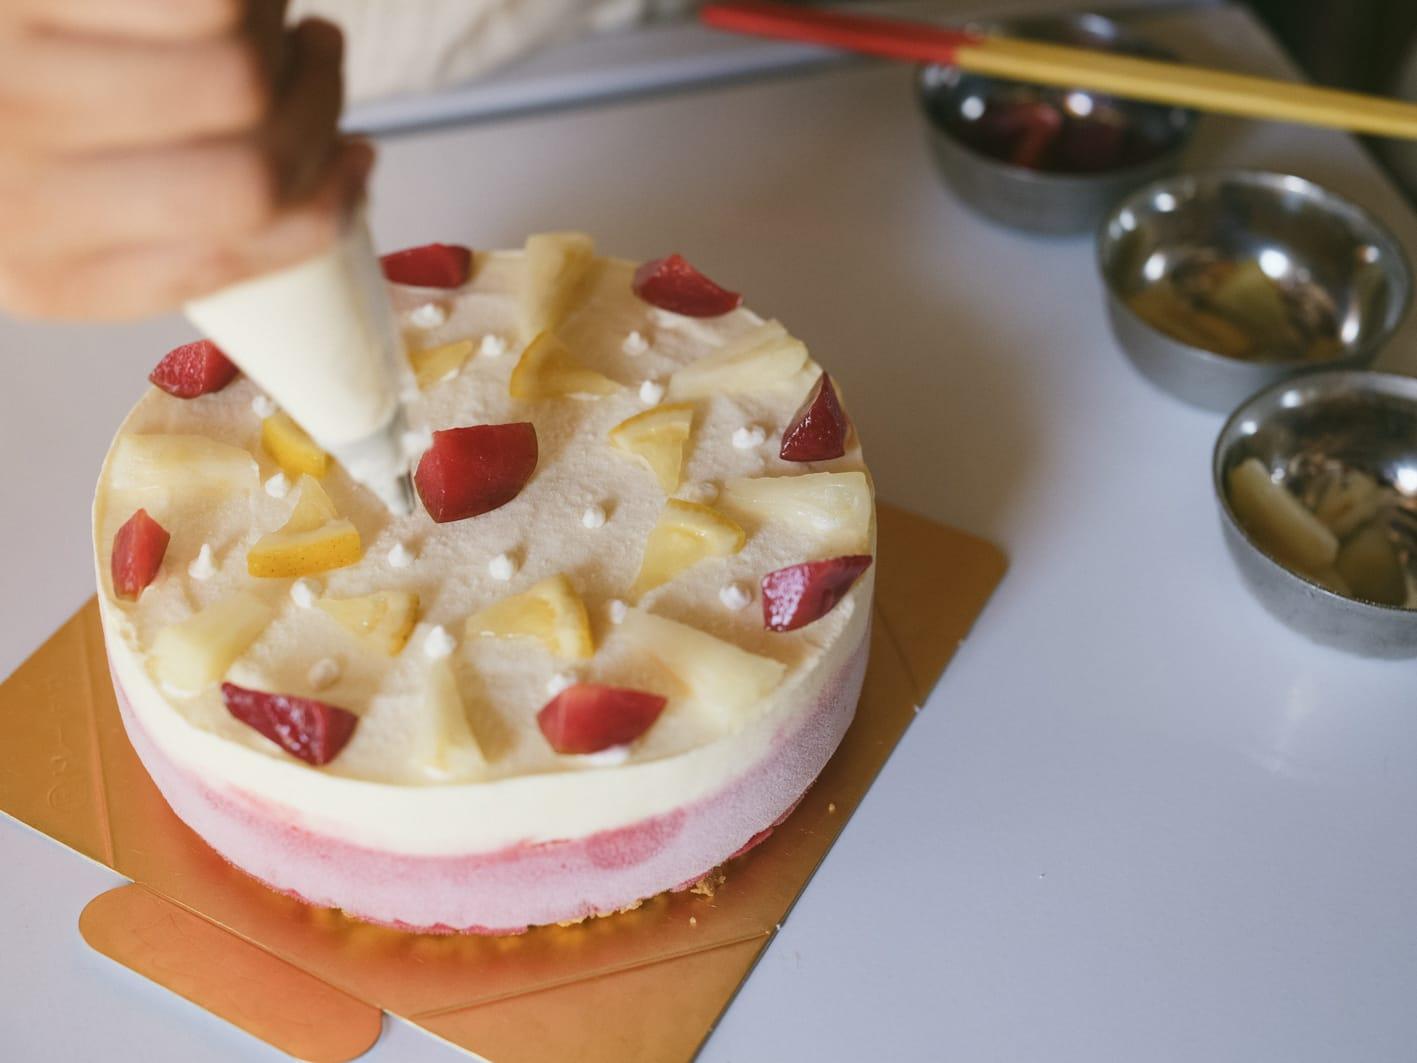 暑い季節にはさっぱりとしたソルベ類も多く作る。すもものソルベは色も鮮か。近所の友人に頼まれてお誕生日のアイスケーキも作る。デコレーションはその時の感覚を大事に即興で。